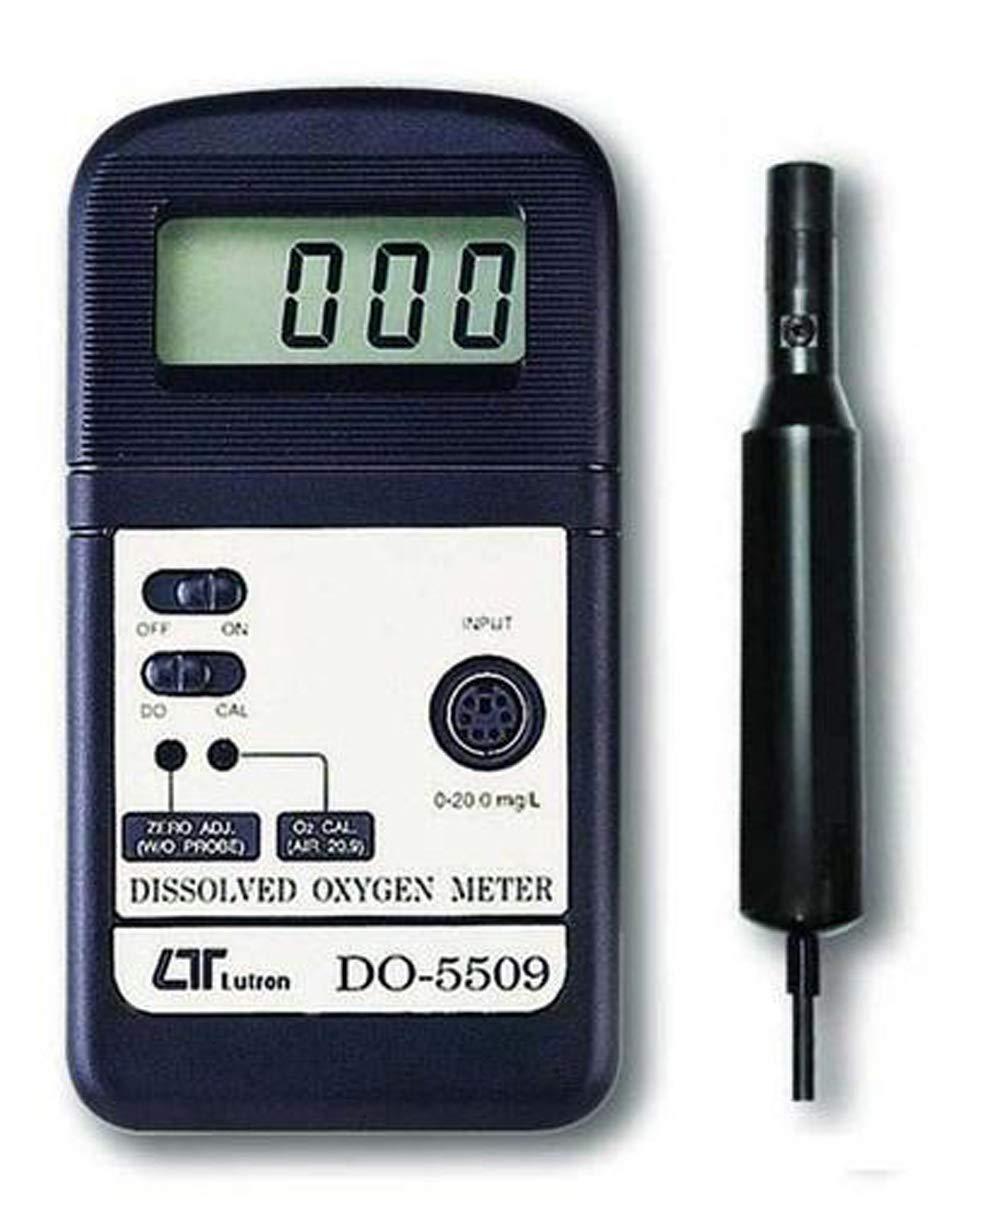 Lutron Do 5509 Messgerät Für Gelösten Sauerstoff Bereich 0 Bis 20 Mg L Zusammen Mit Dem Kalibrierungszertifikat Von Instrukart Gewerbe Industrie Wissenschaft